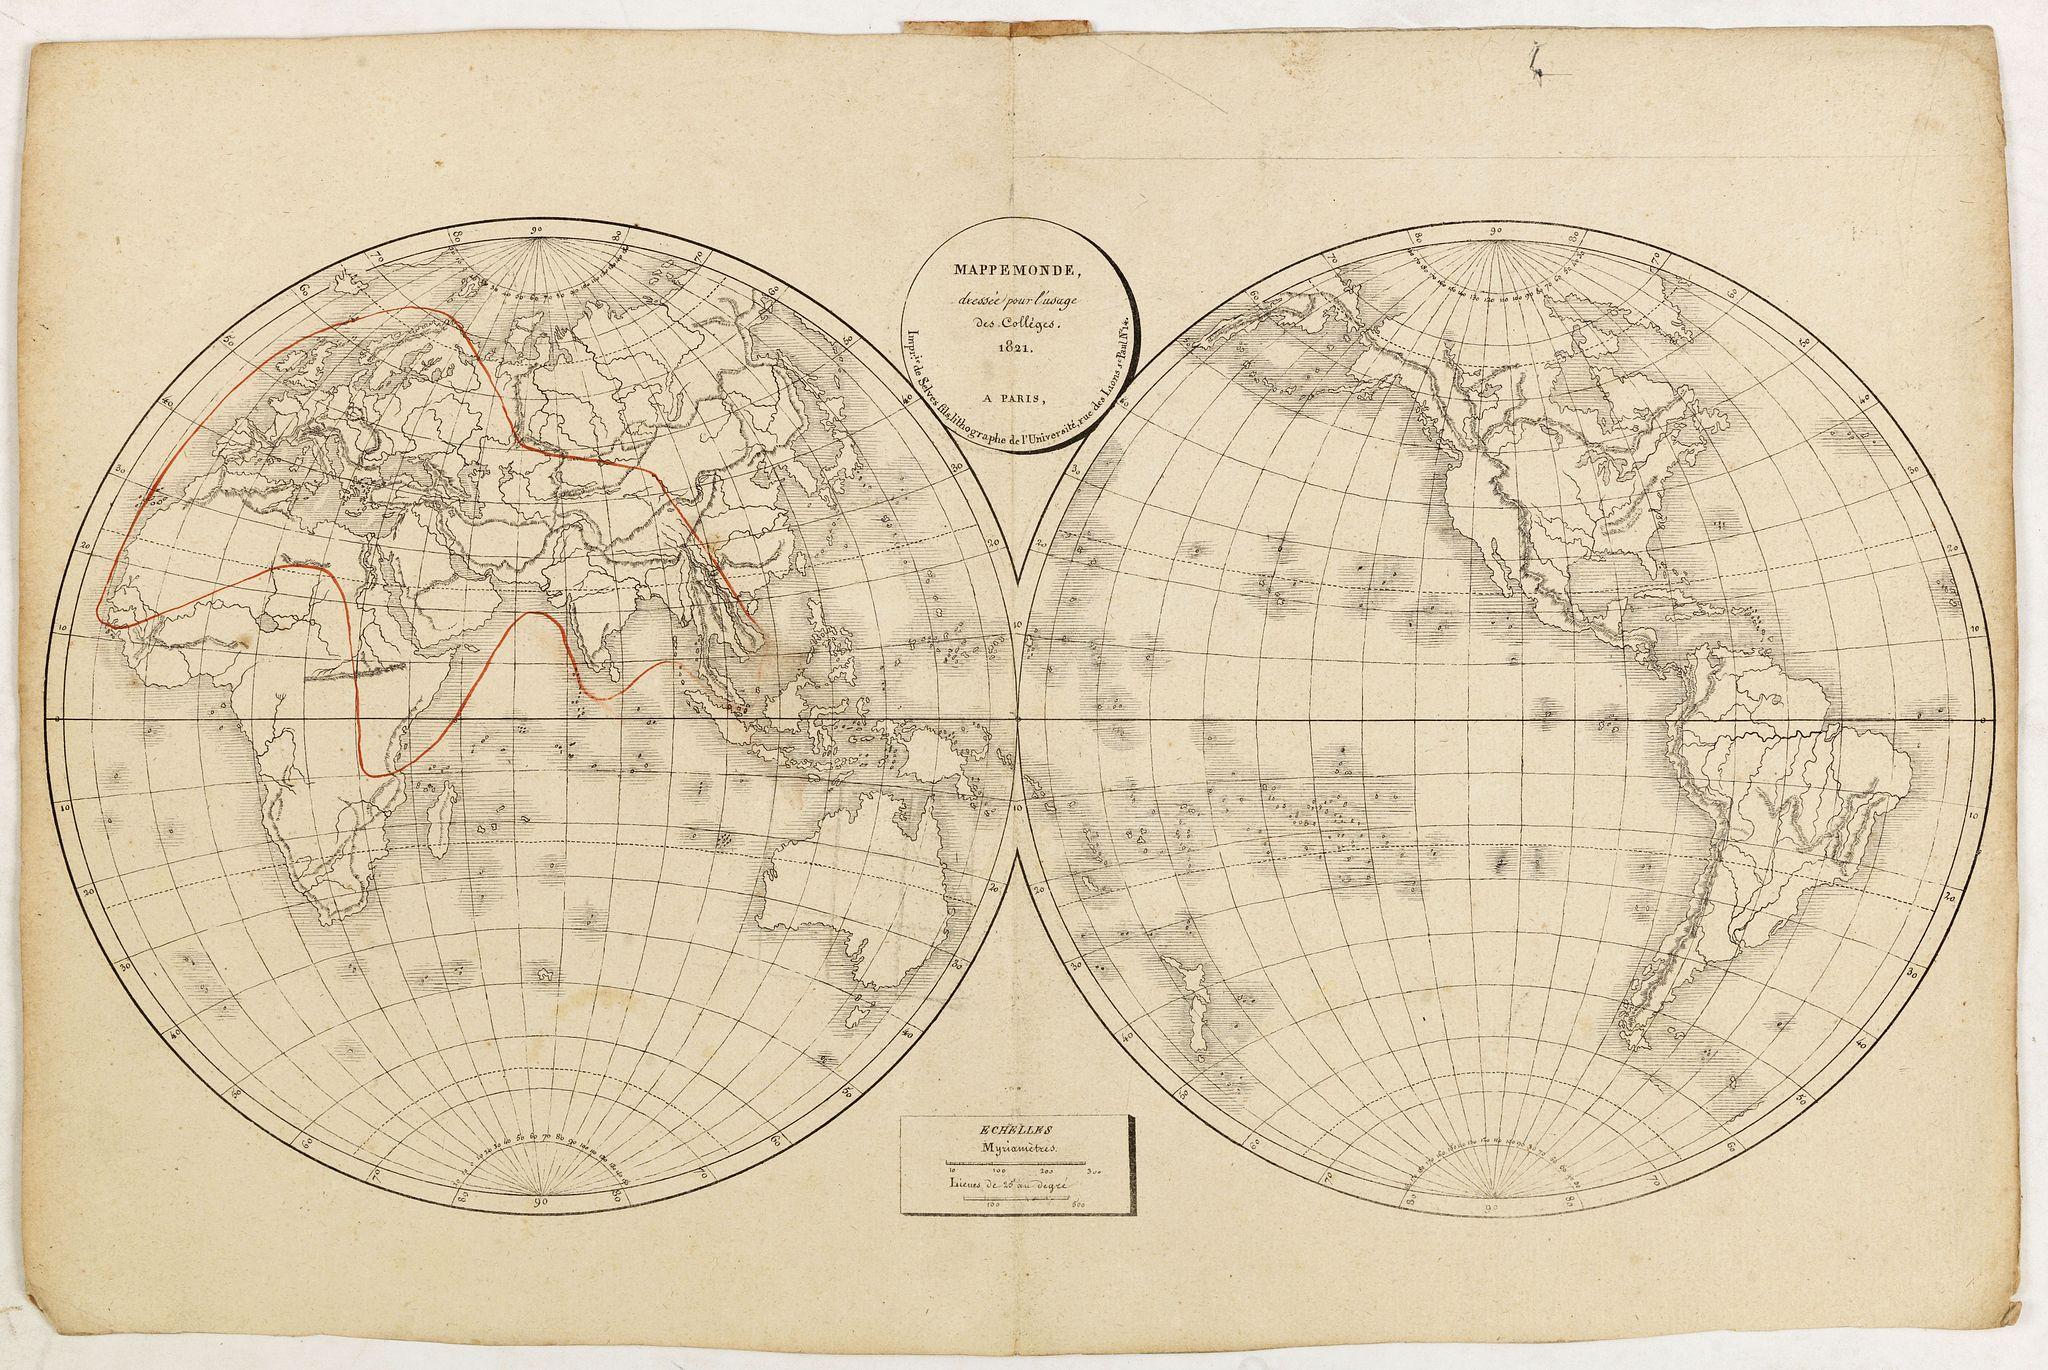 SELVES,H. - Mappe-Monde, dressée pour l'usage des Colléges 1821 à Paris. . .